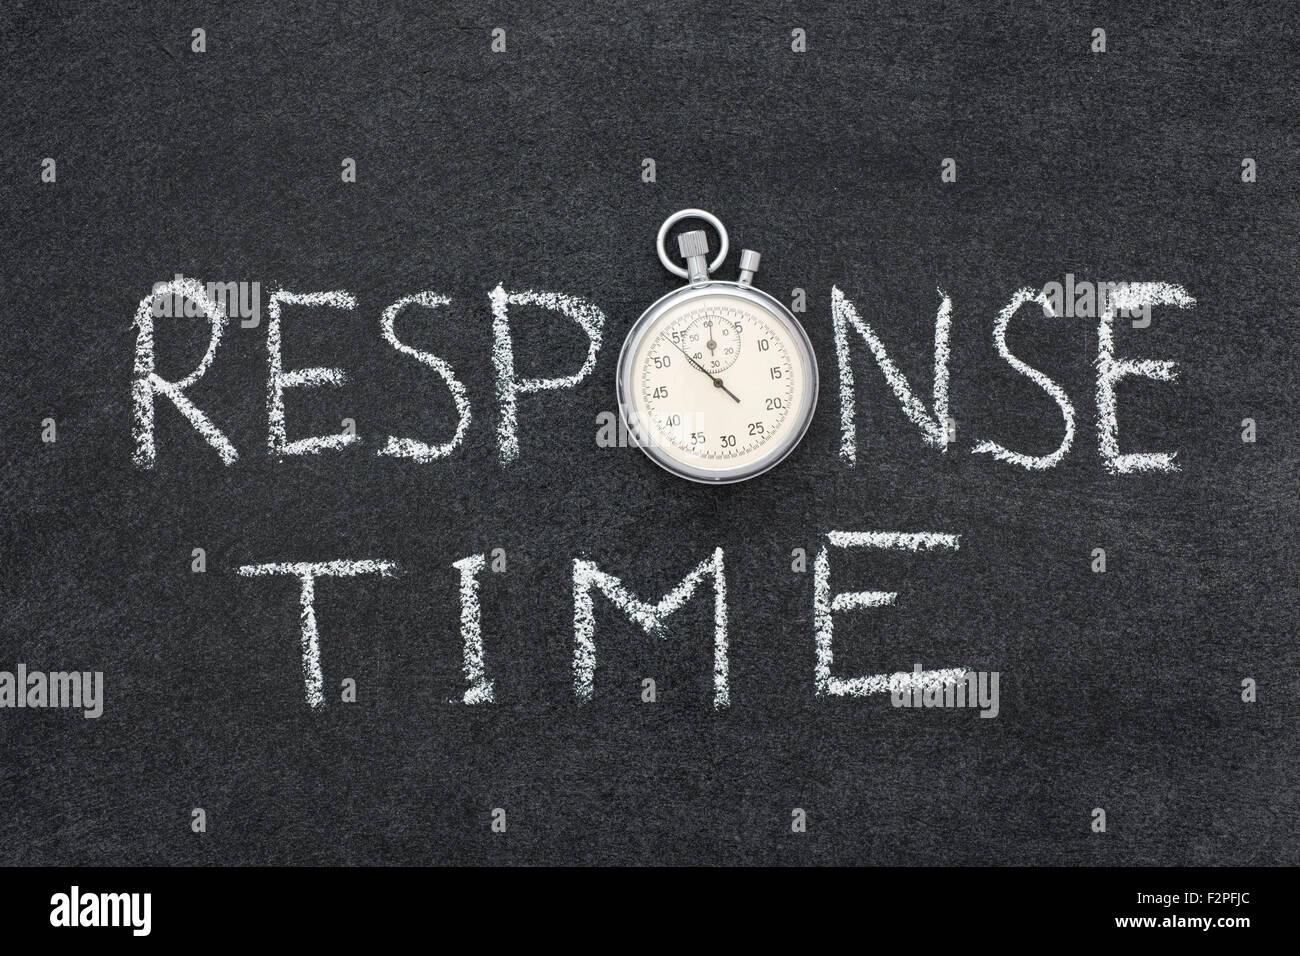 Tempo di risposta di una frase scritta a mano sulla lavagna con vintage cronometro preciso utilizzato al posto di Immagini Stock